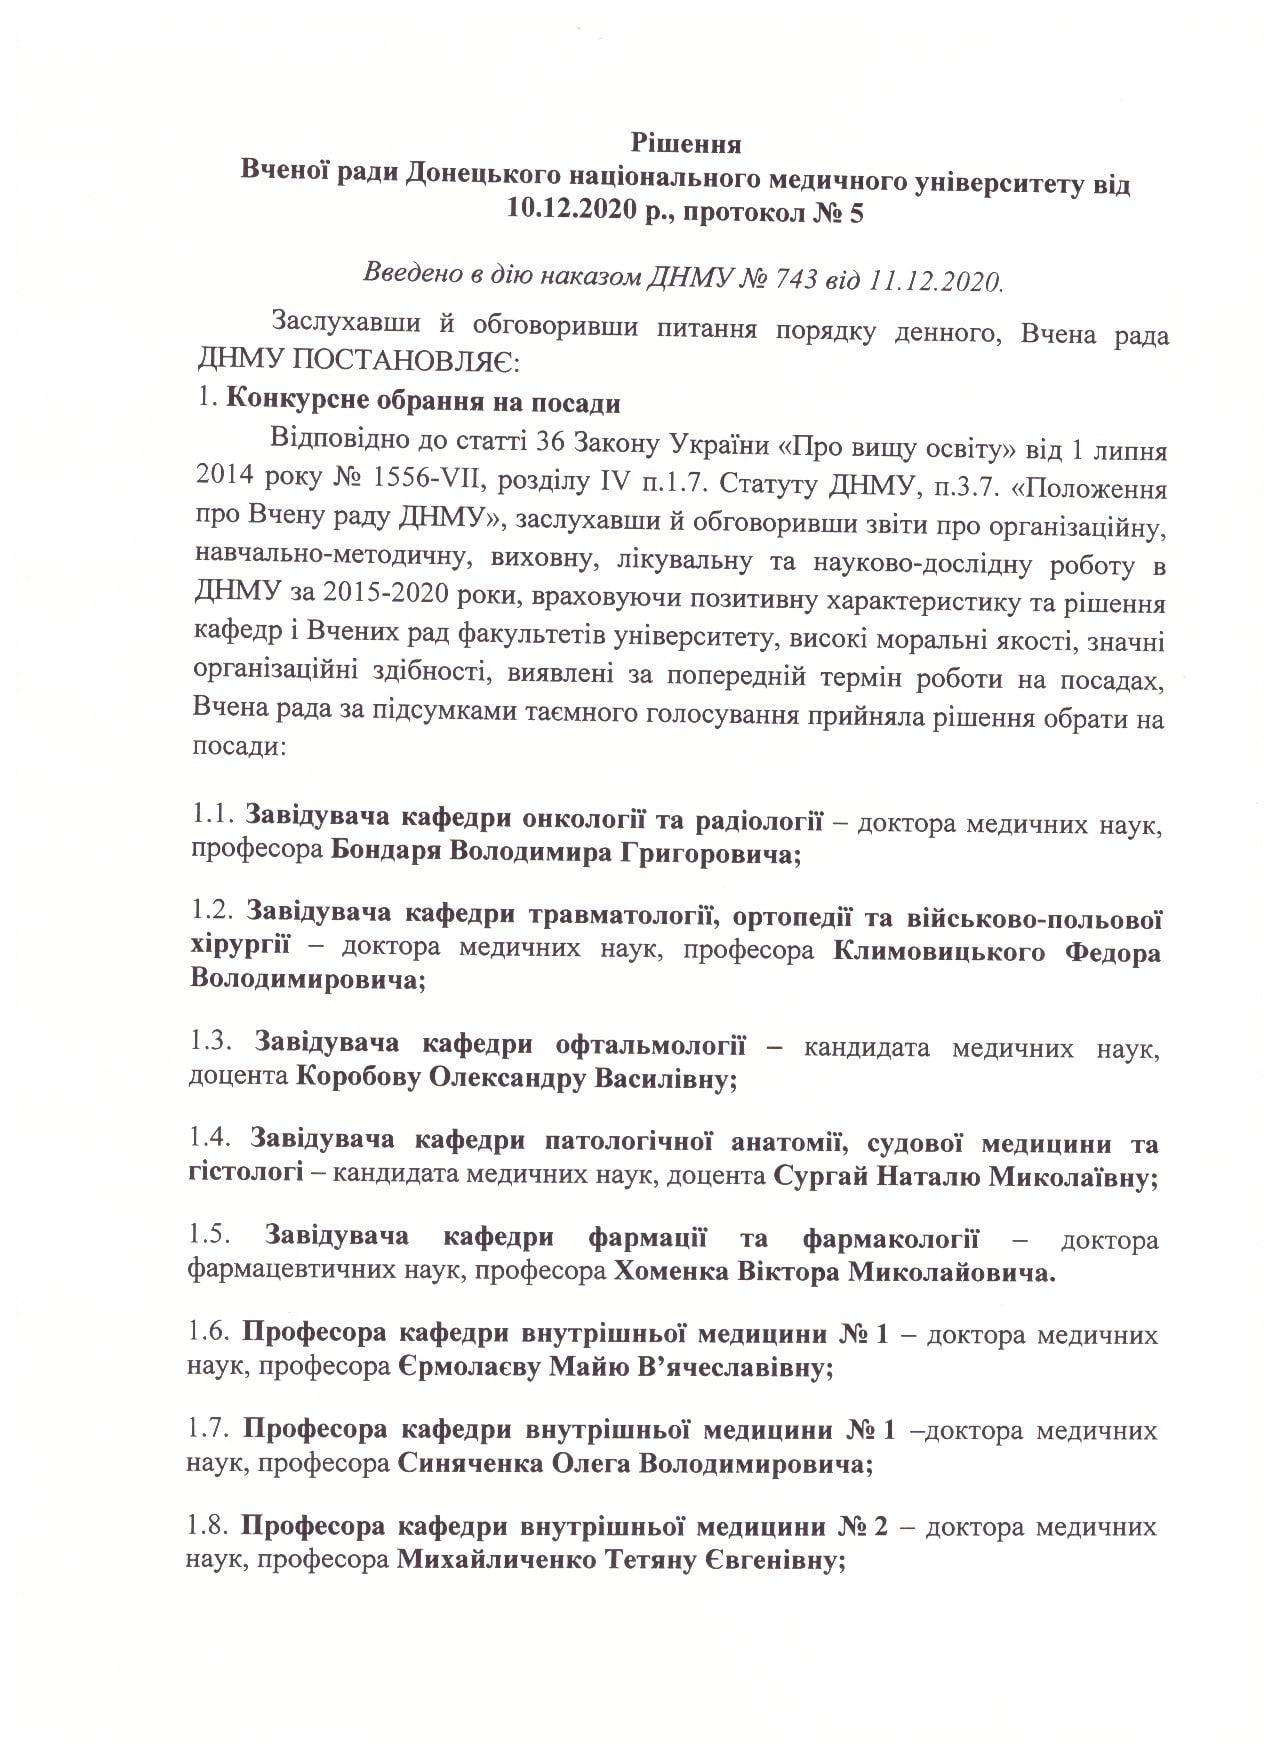 rishennya vr protokol 5 10.12 1